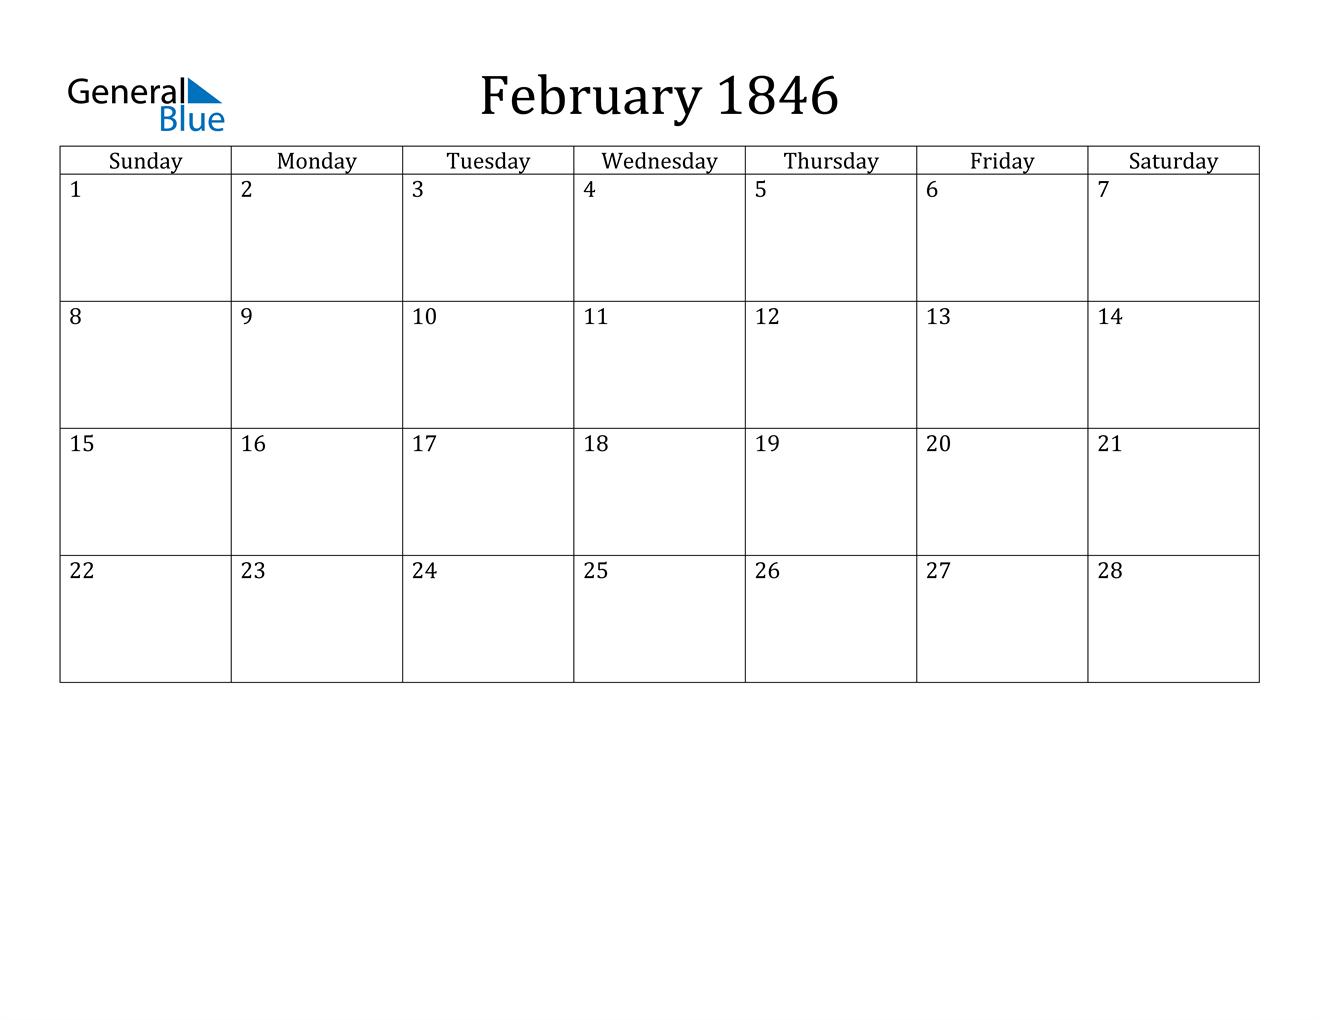 Image of February 1846 Calendar